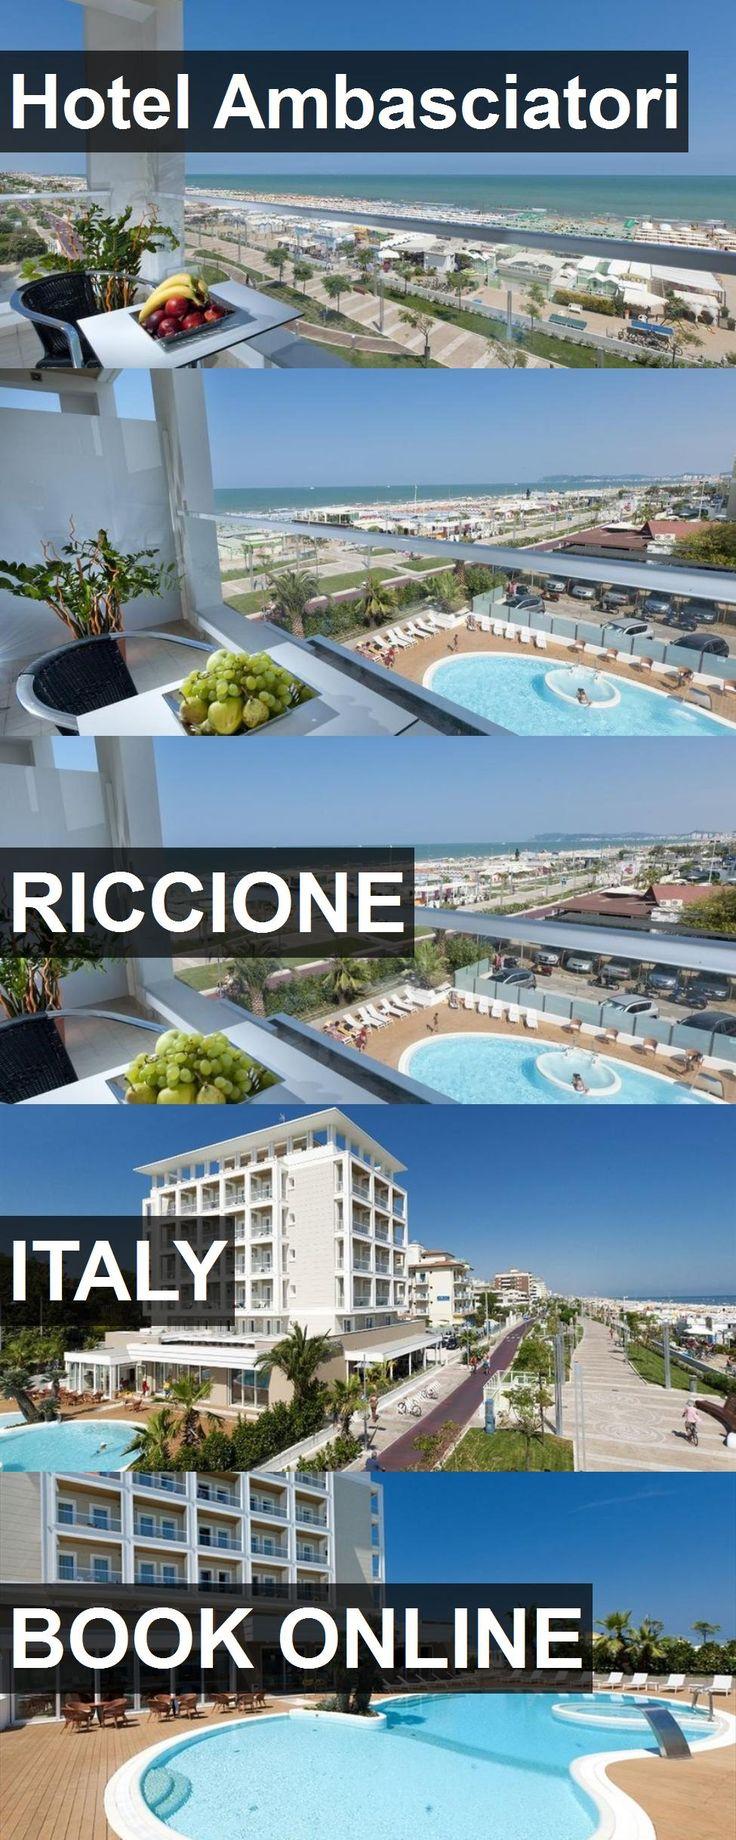 Hotel Ambasciatori In Riccione Italy For More Information